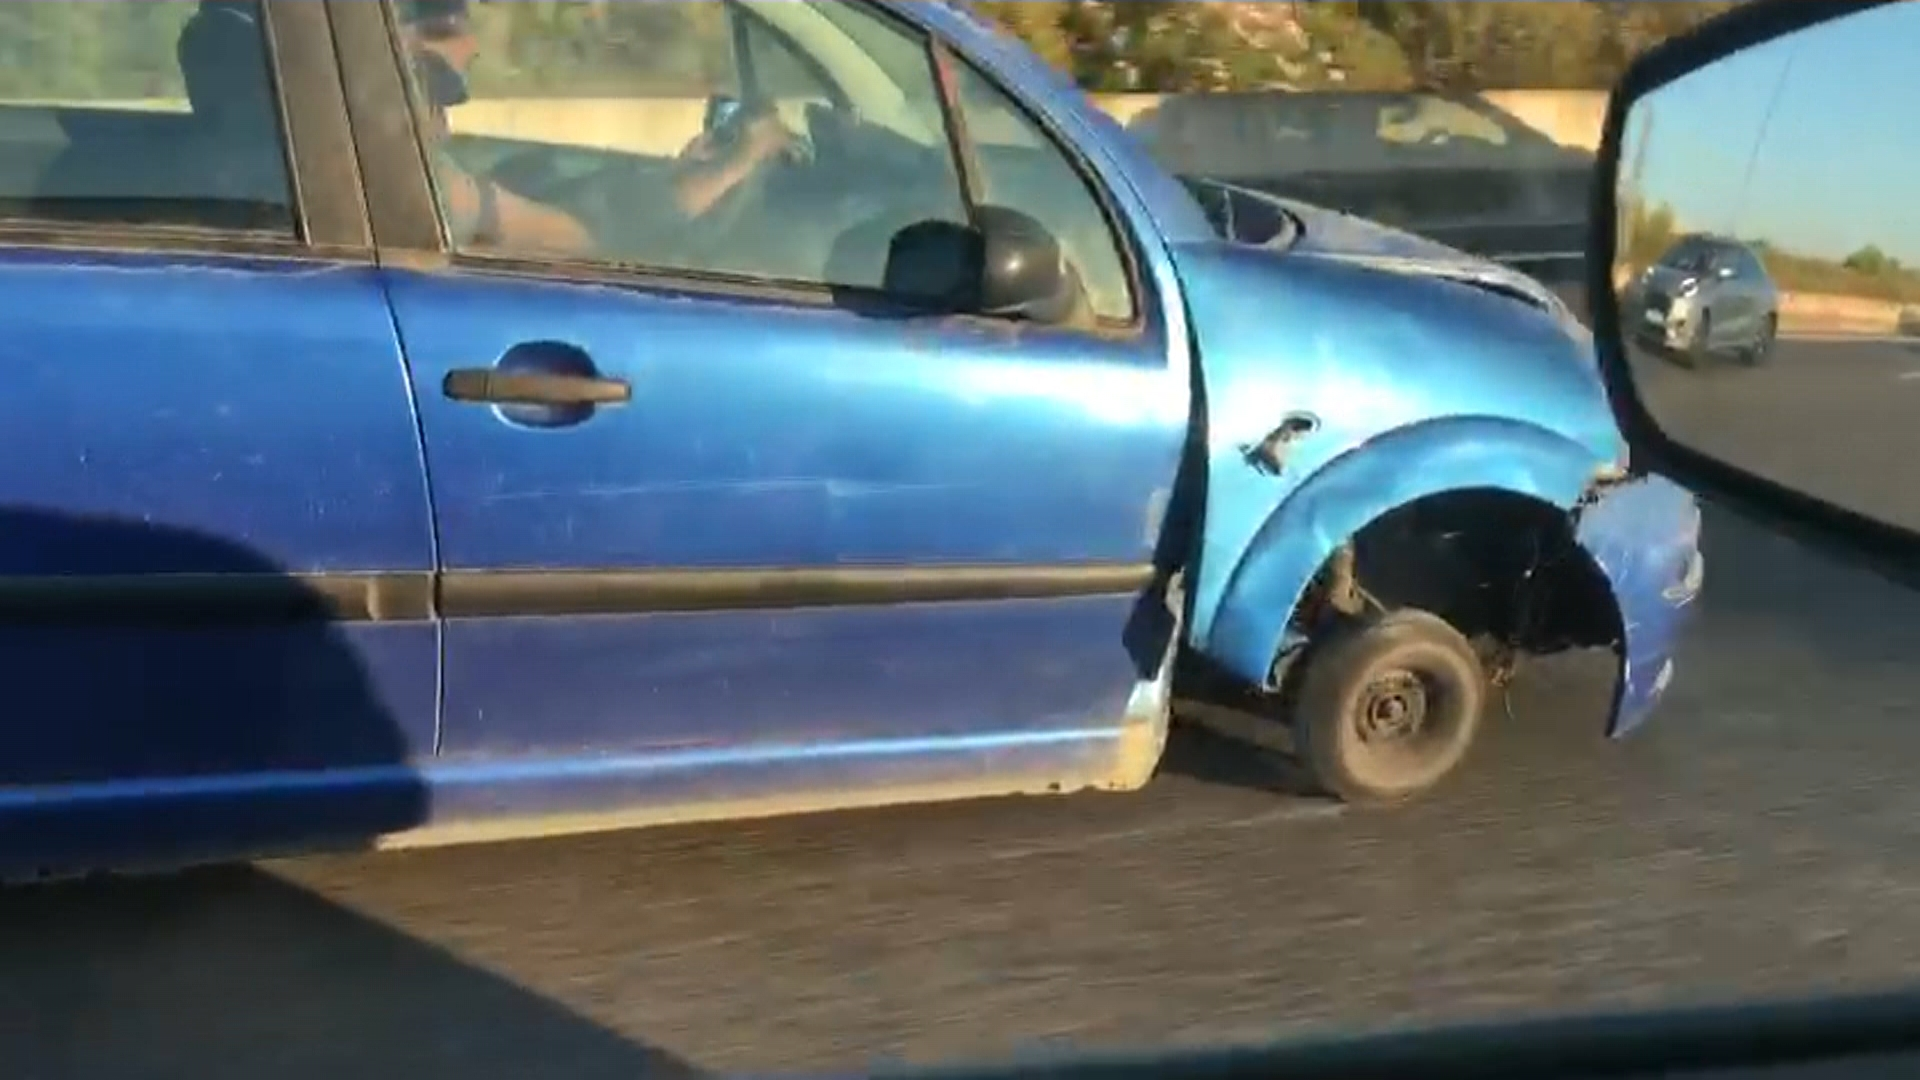 Un+cotxe+circula+sense+una+roda+per+l%26apos%3Bautopista+d%26apos%3BInca